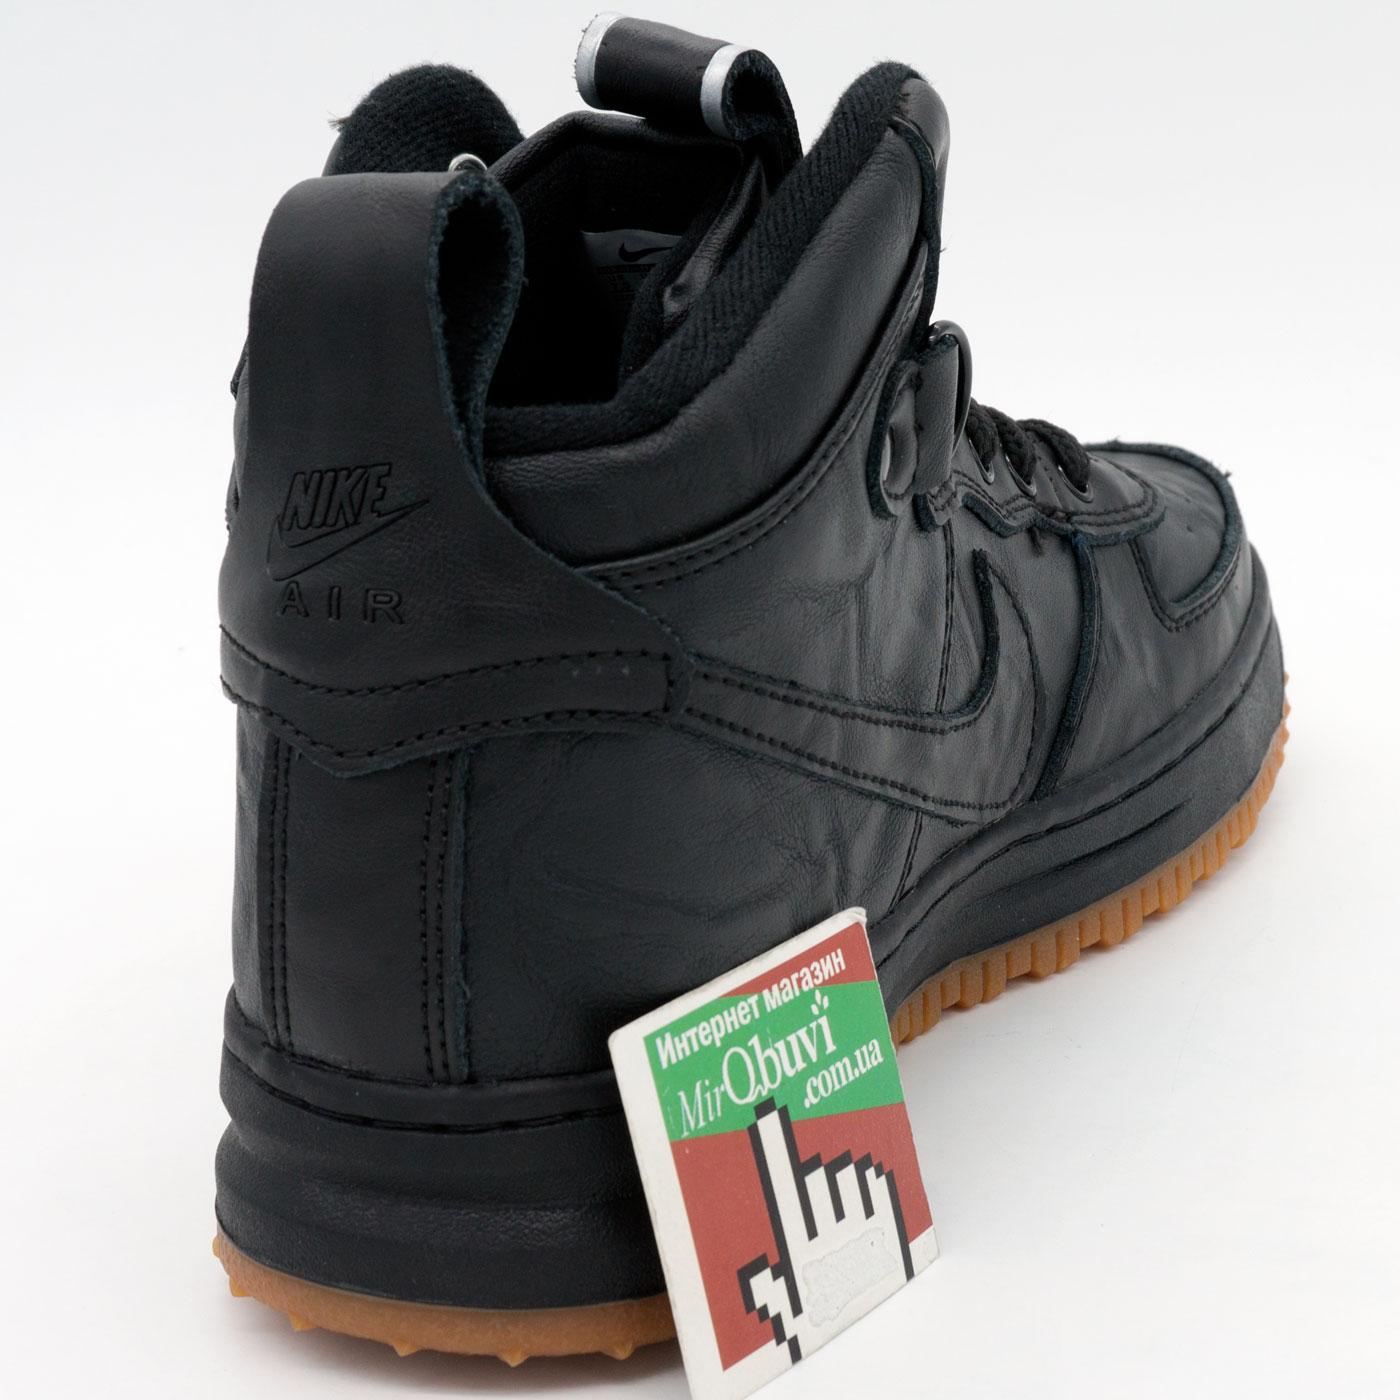 фото back Высокие кроссовки Nike Lunar Force 1 черные AIR FORCE back